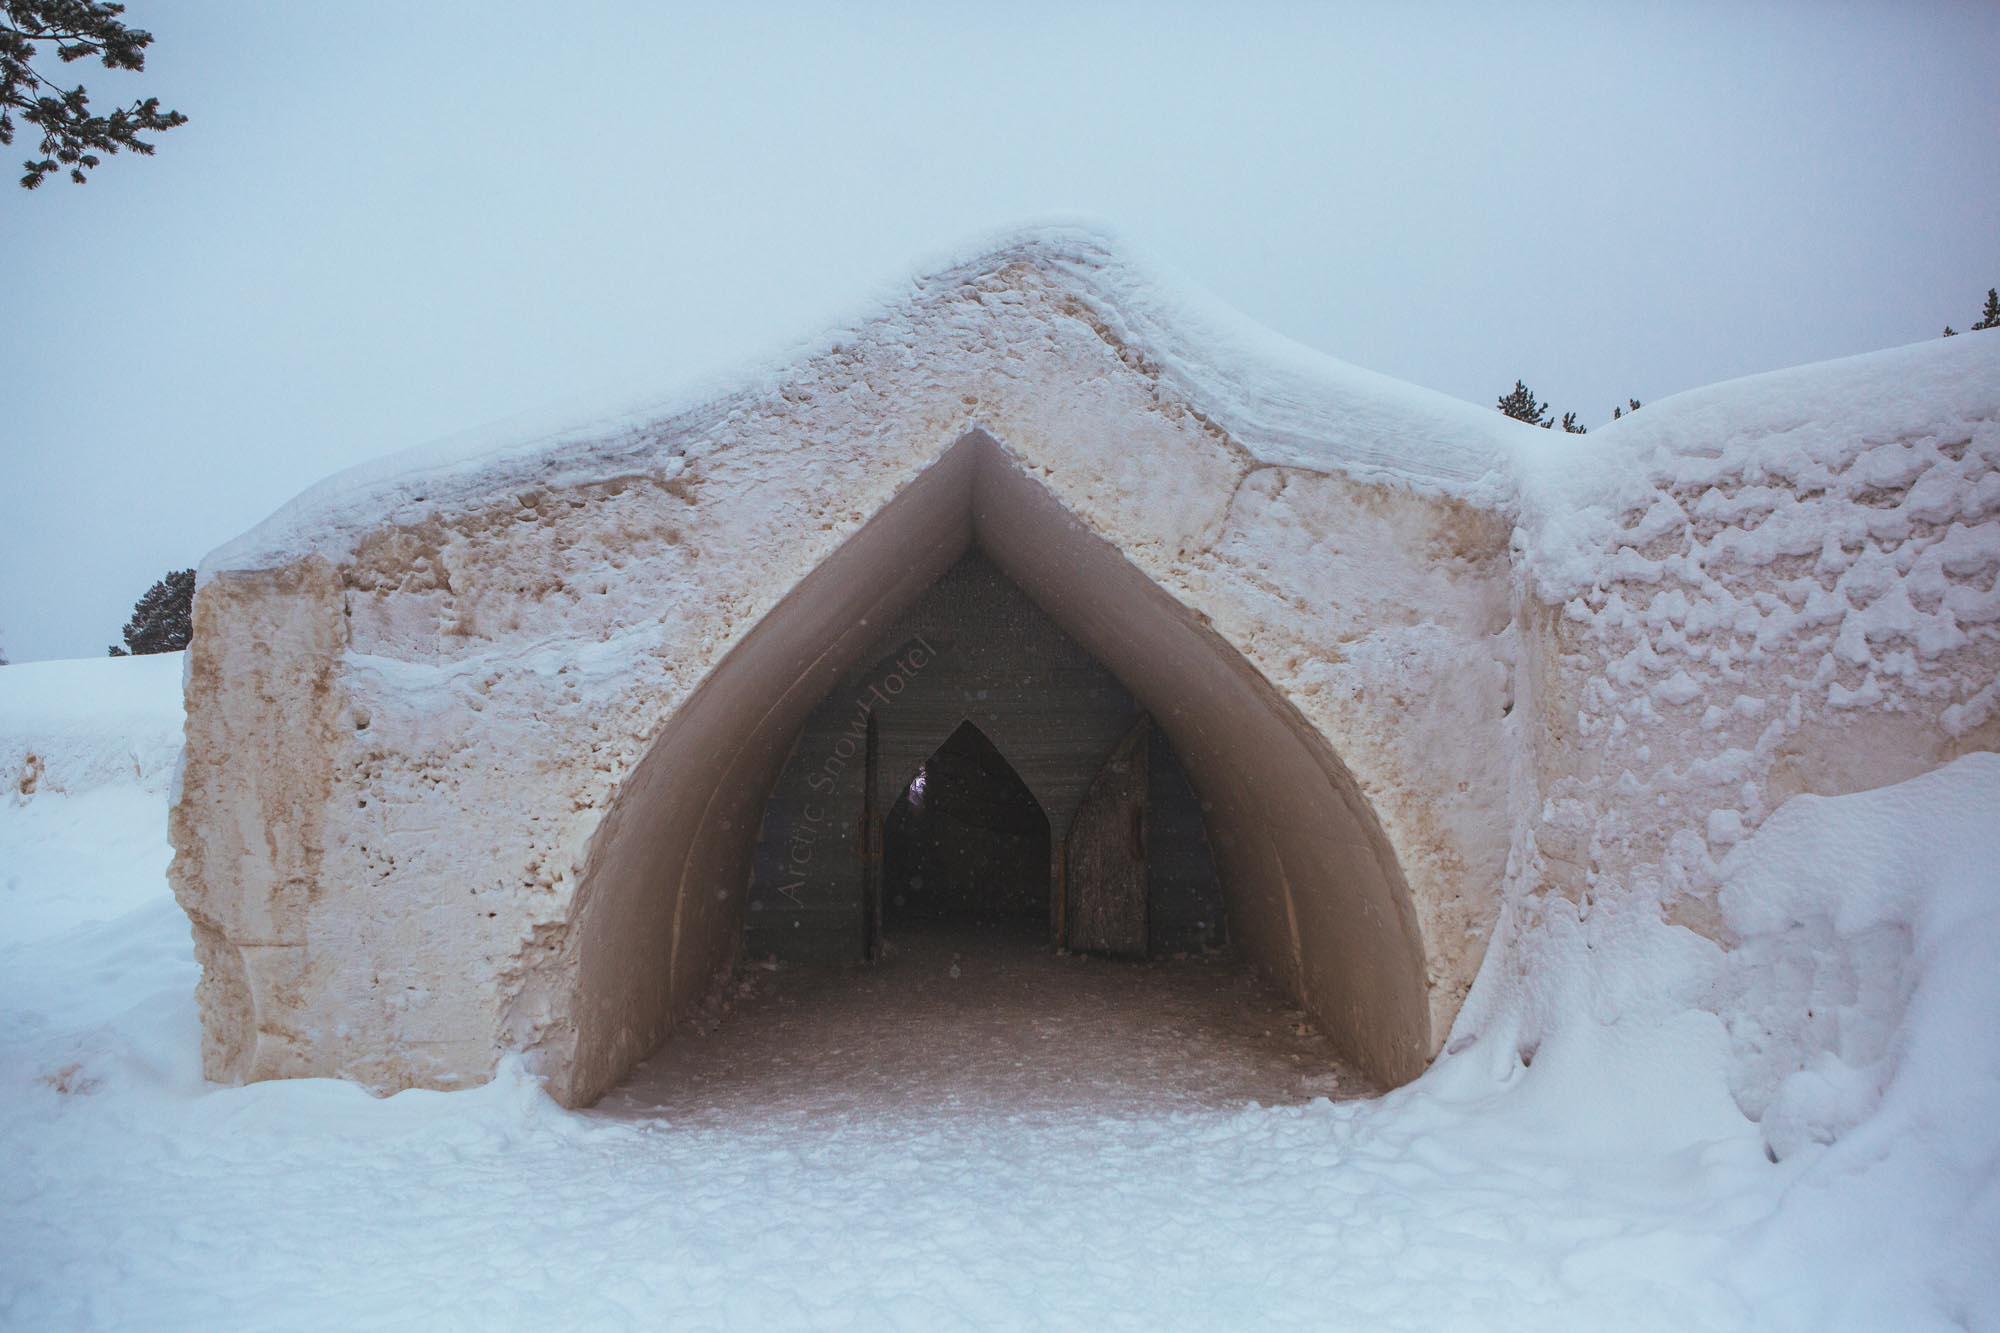 Arctic Snow Hotel, Lapland